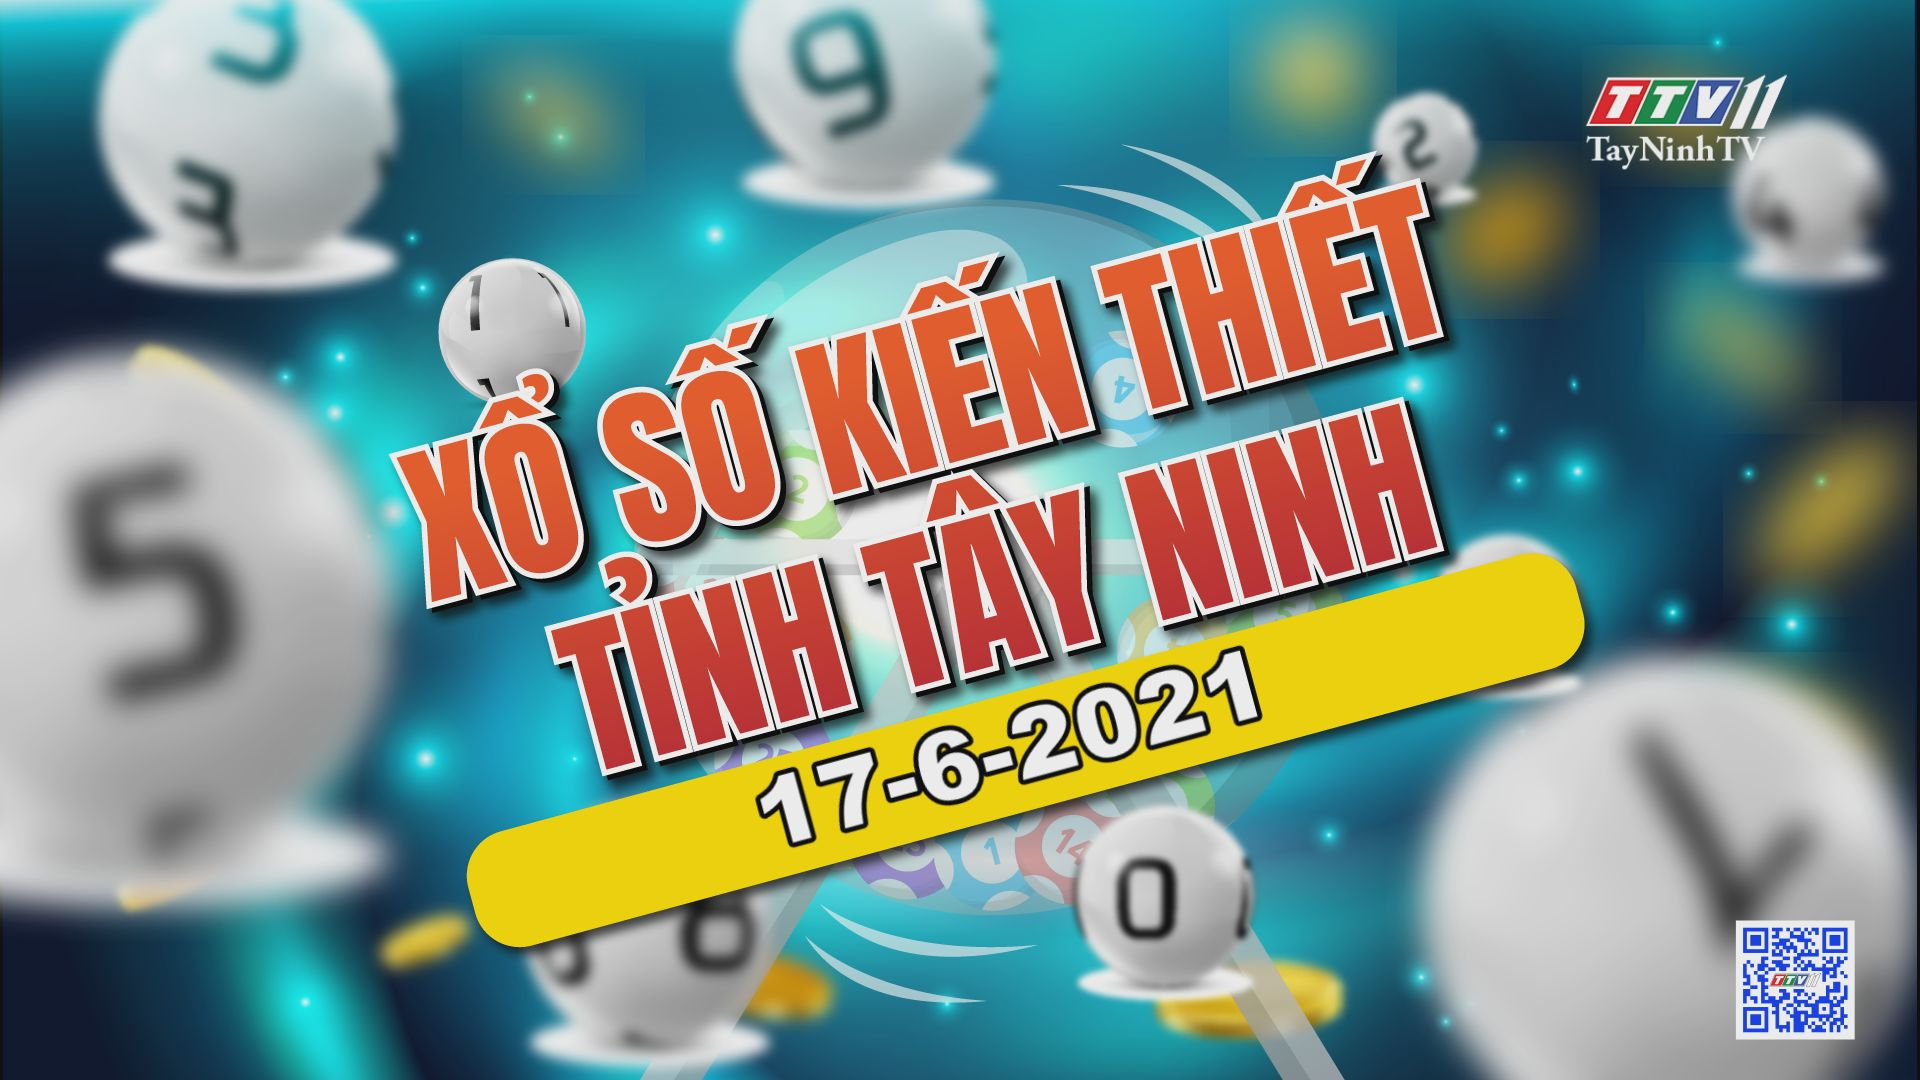 Trực tiếp Xổ số Tây Ninh ngày 17-6-2021 | TayNinhTVE